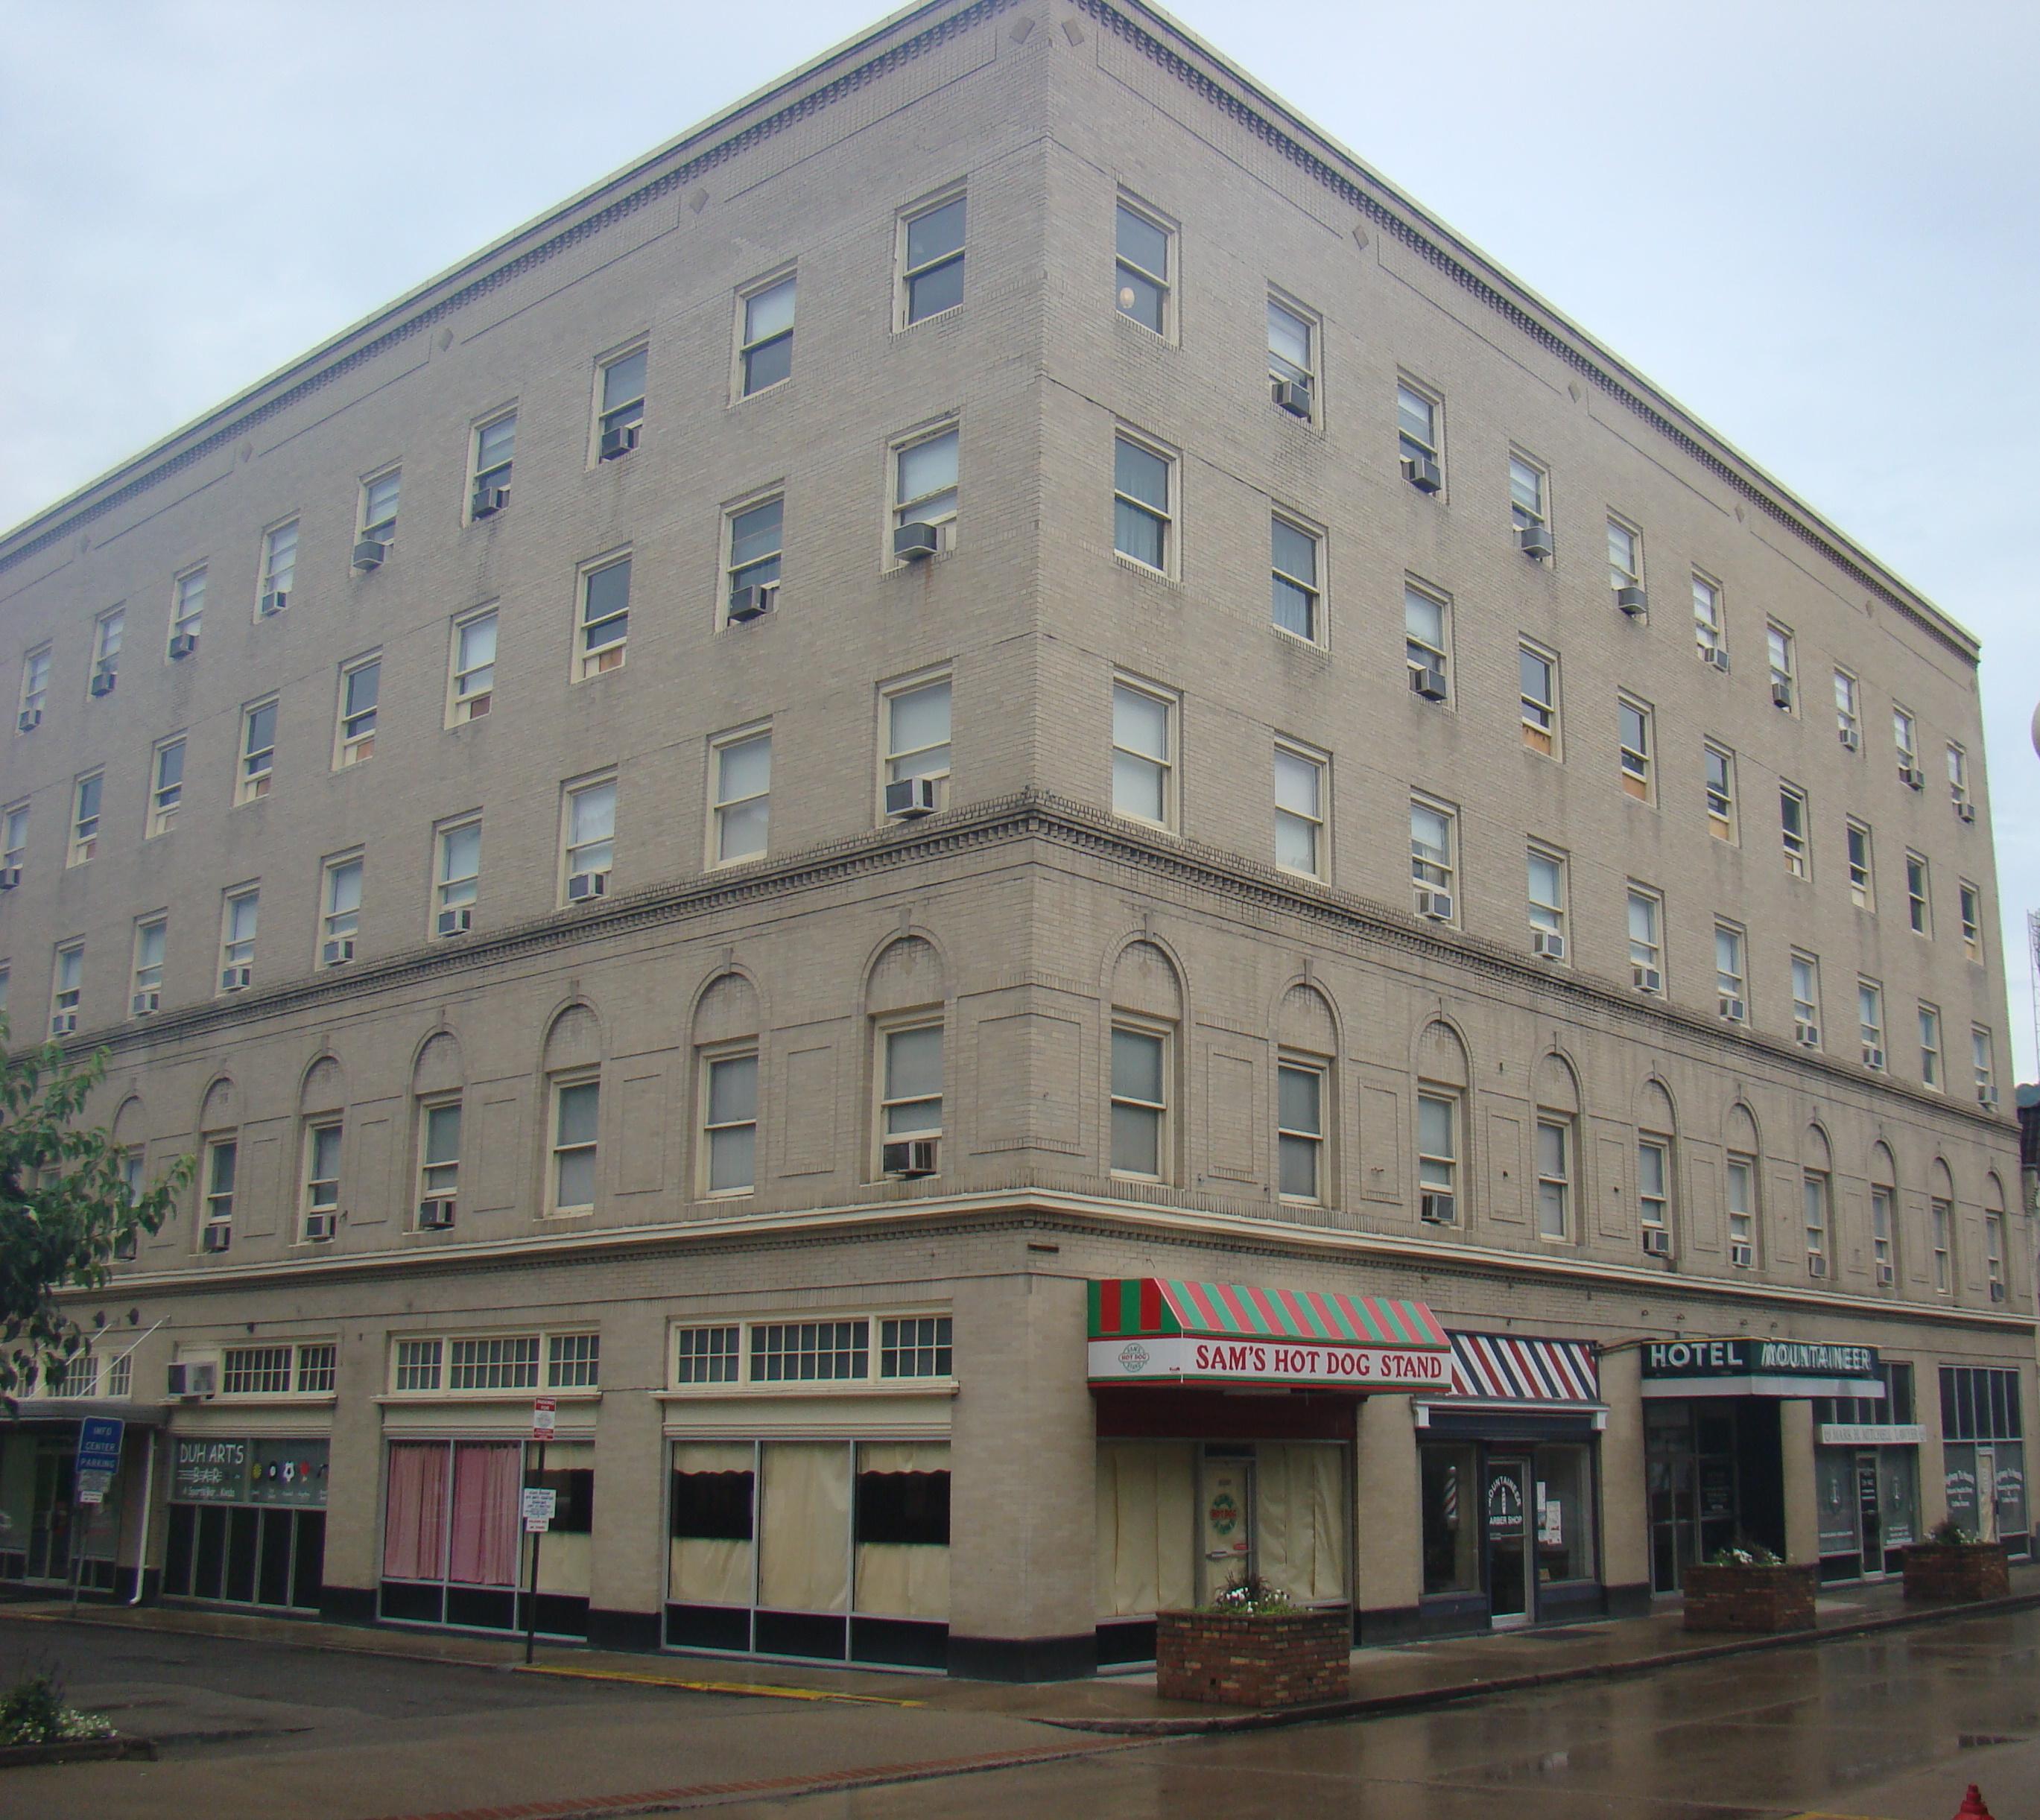 West virginia casino hotel